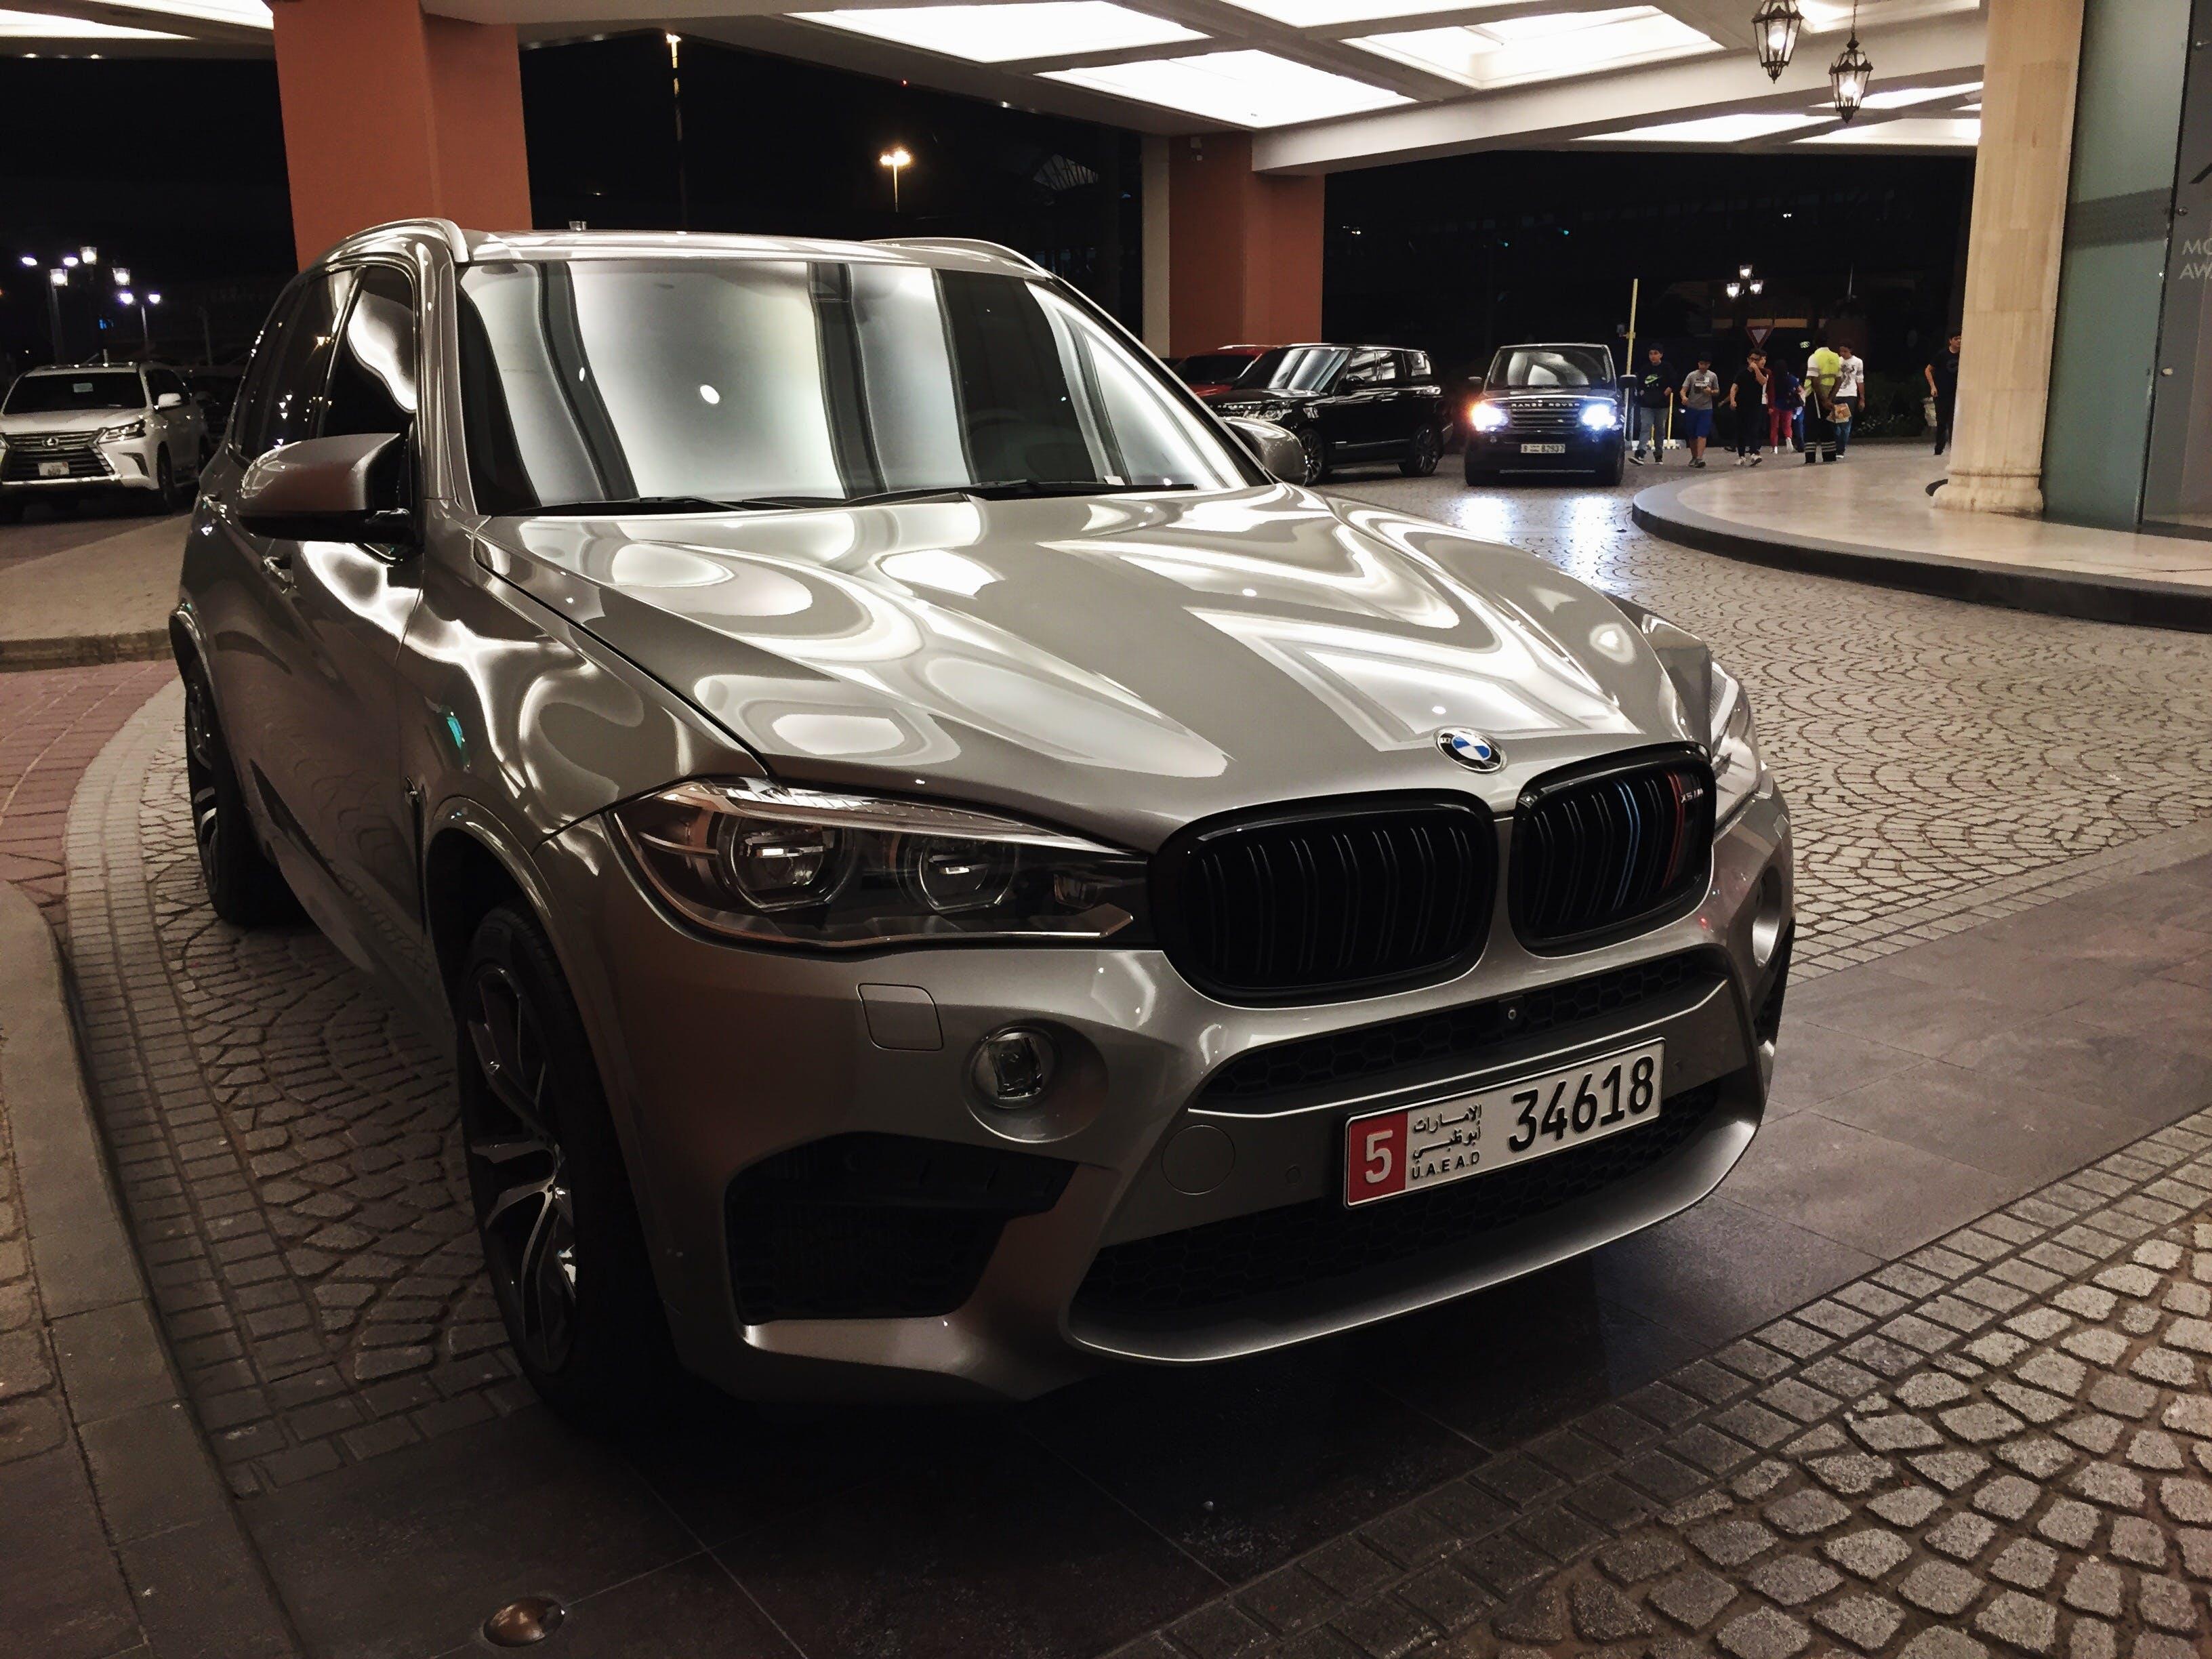 Free stock photo of BMW, car, dubai, X5